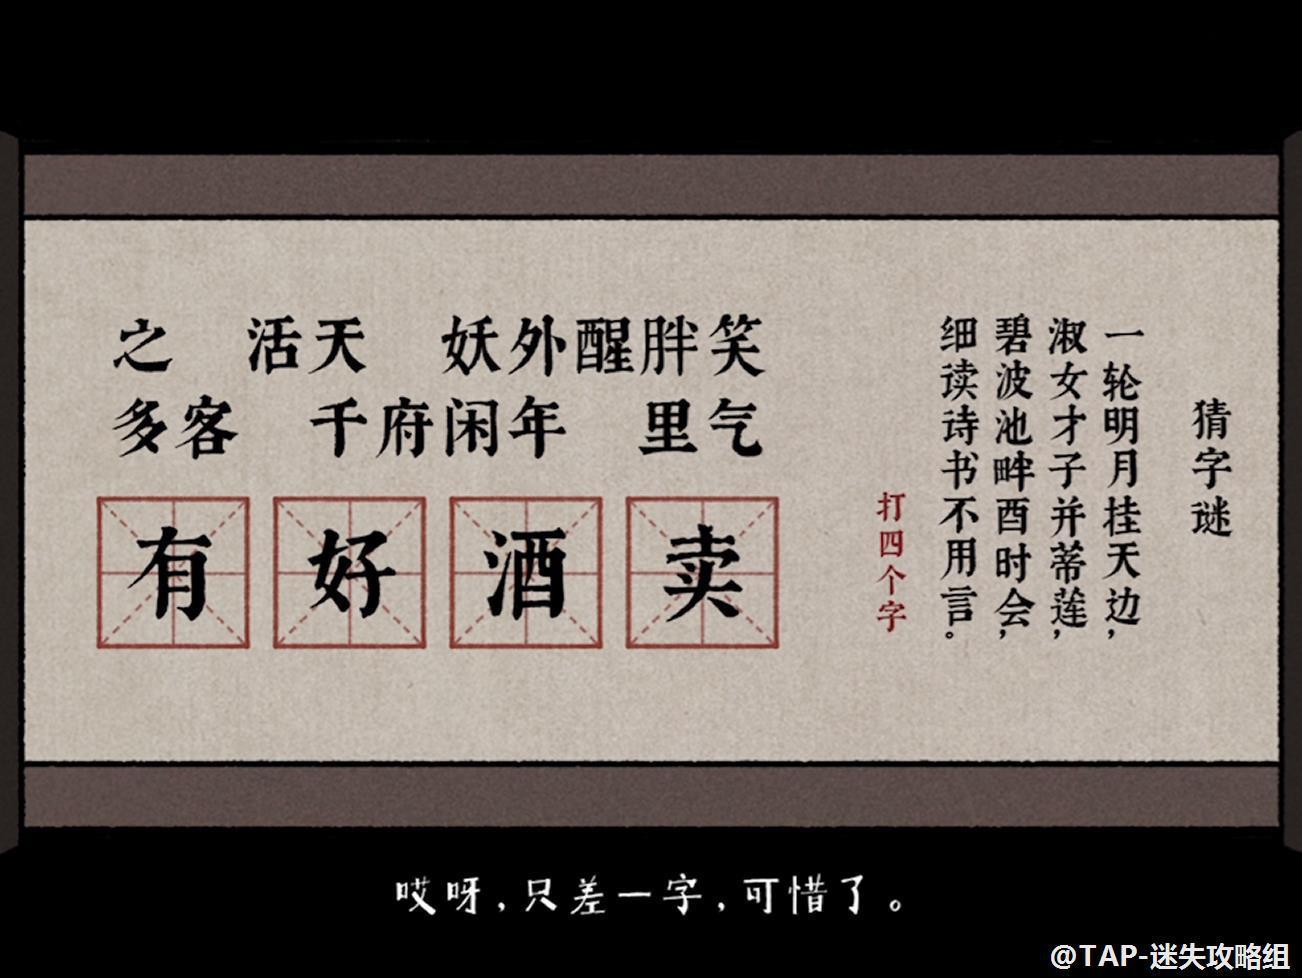 古镜记字谜答案是什么 字谜答案攻略[多图]